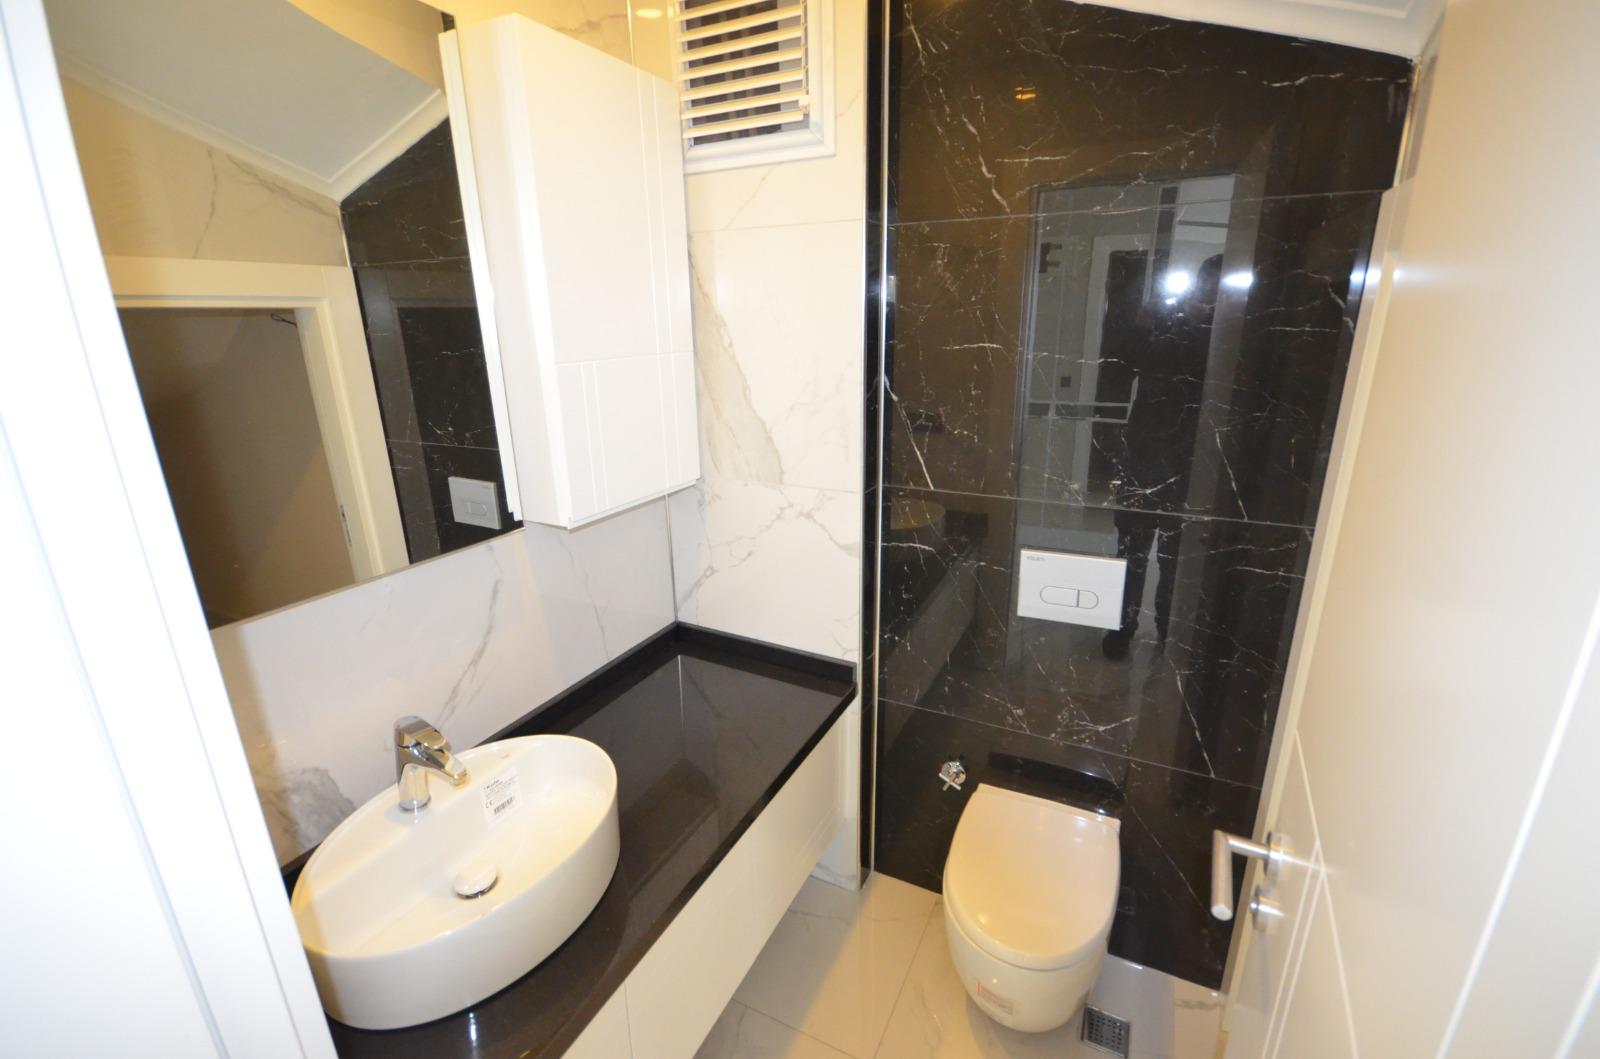 Алания Каргыжак  Квартира 3+1 в шикарном жилом комплексе на первой линии моря